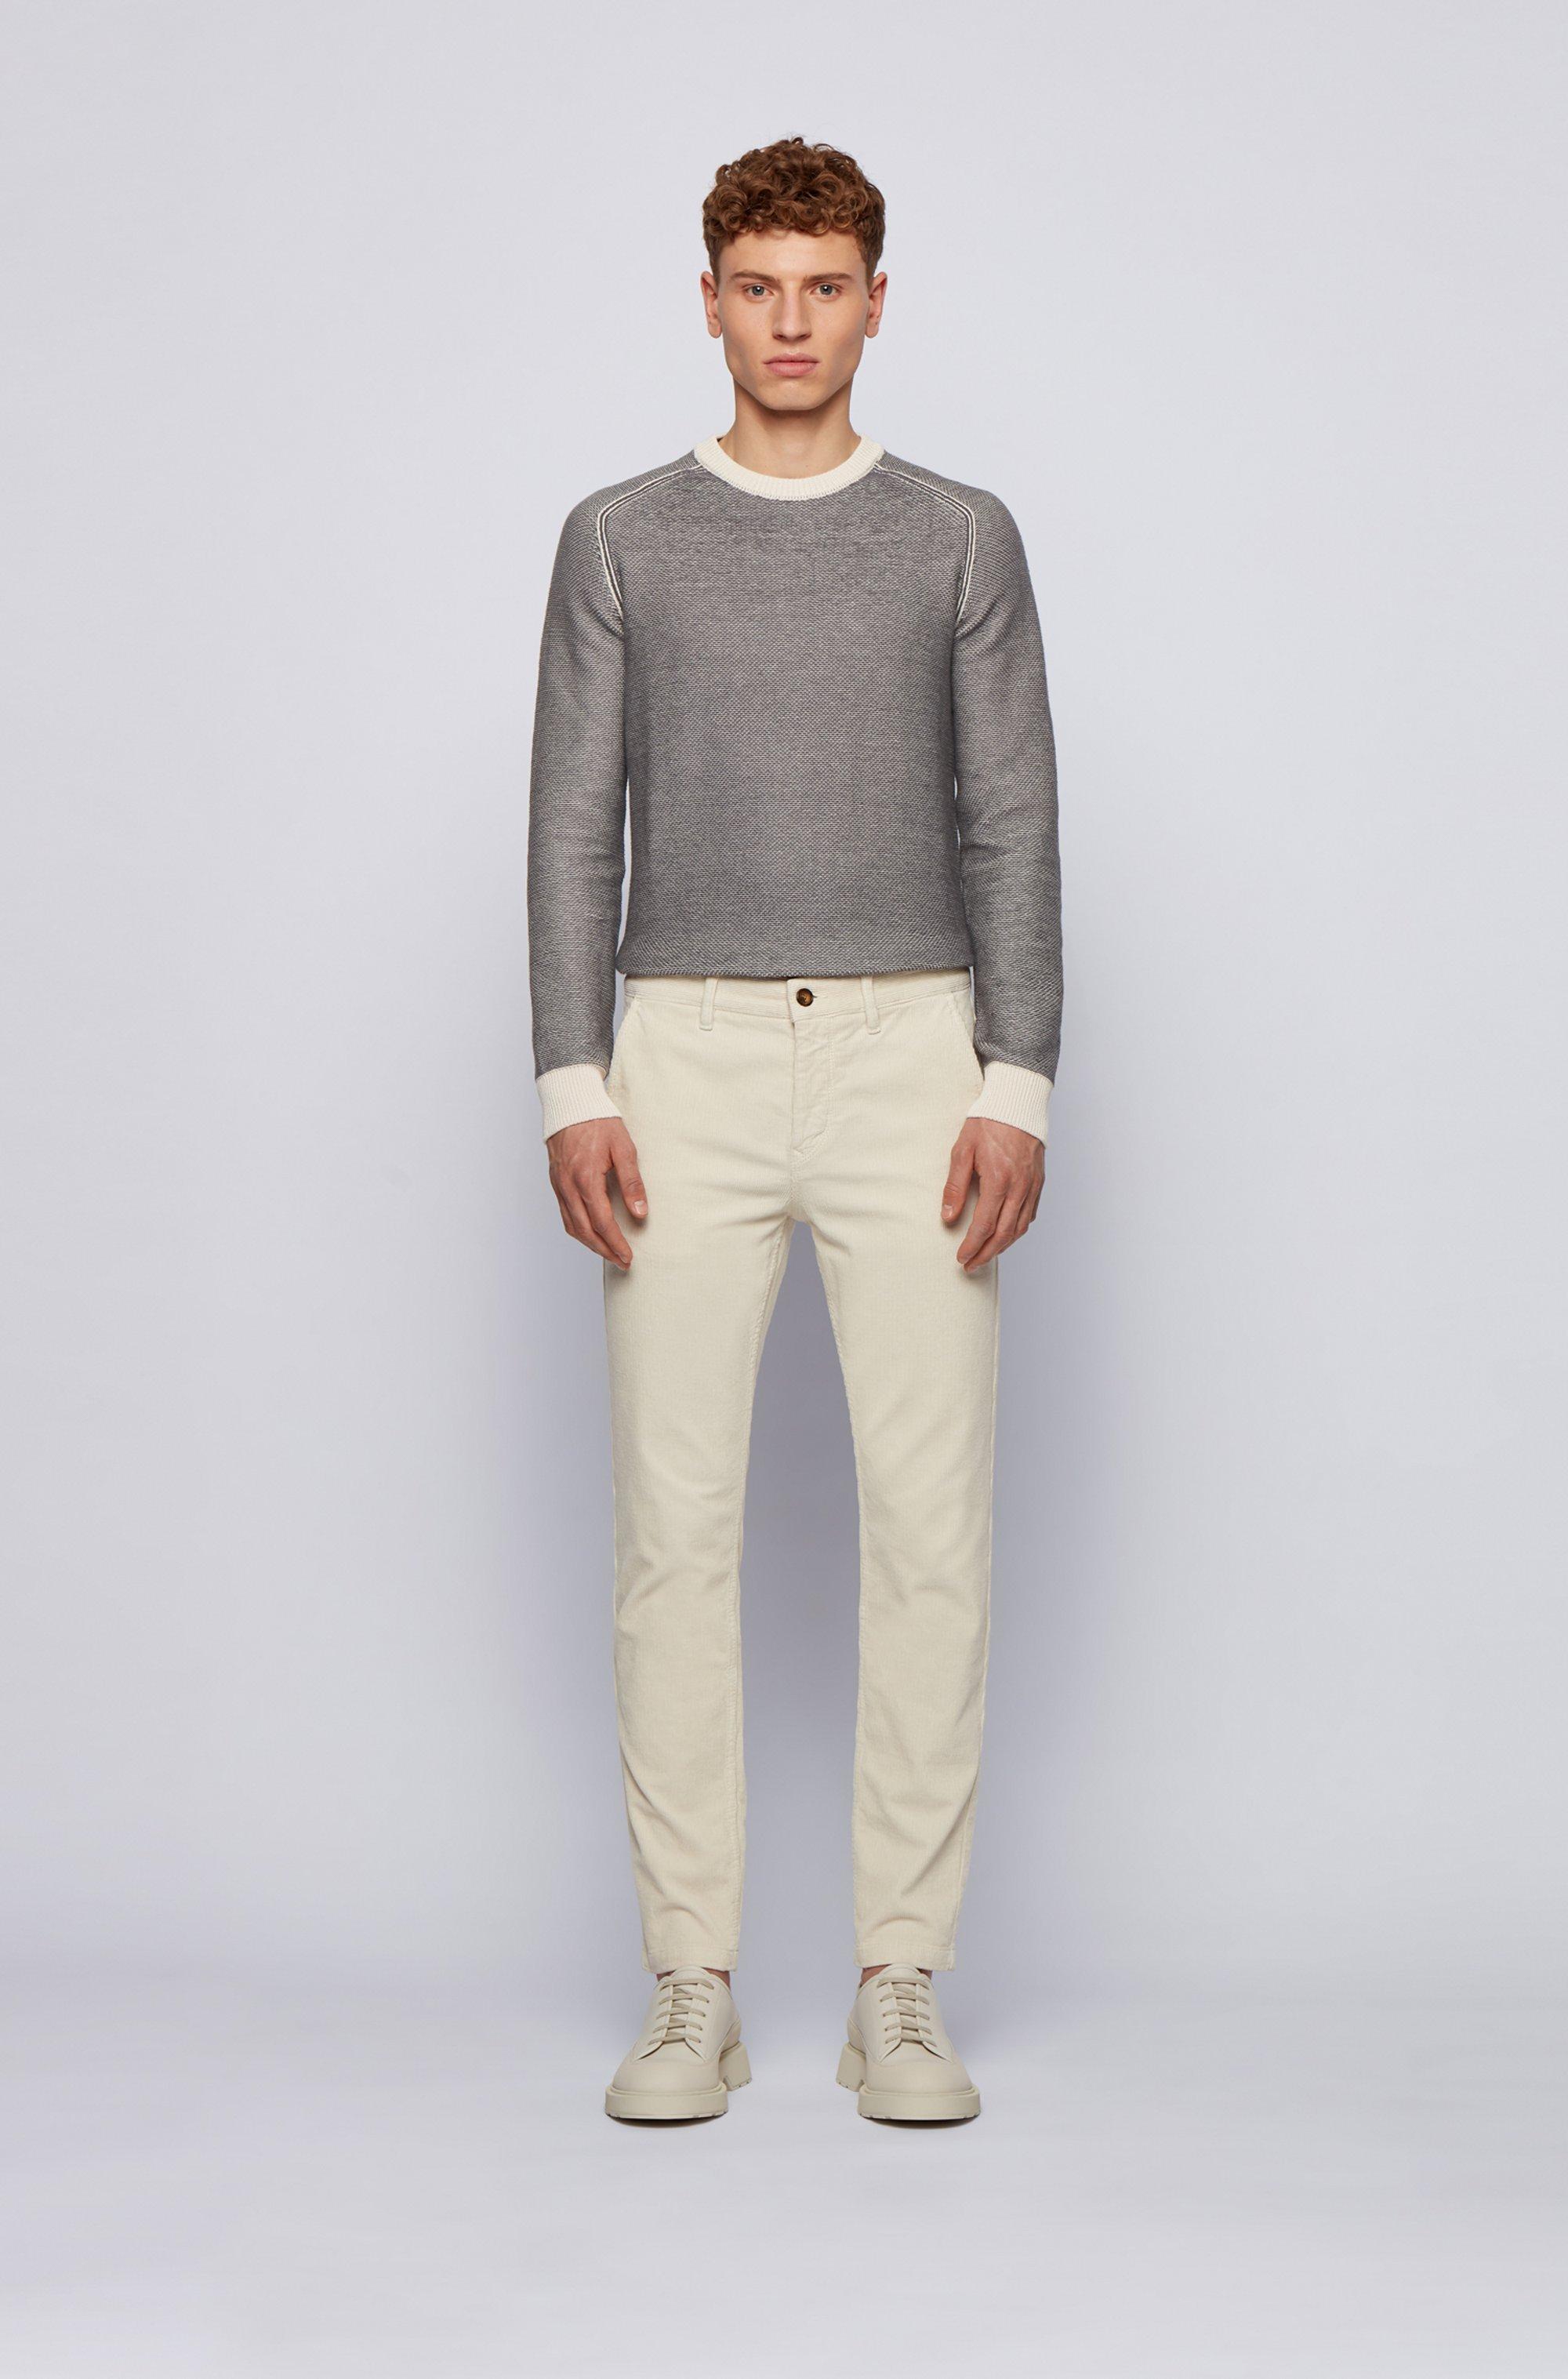 Two-tone crew-neck sweater in cotton-kapok jacquard